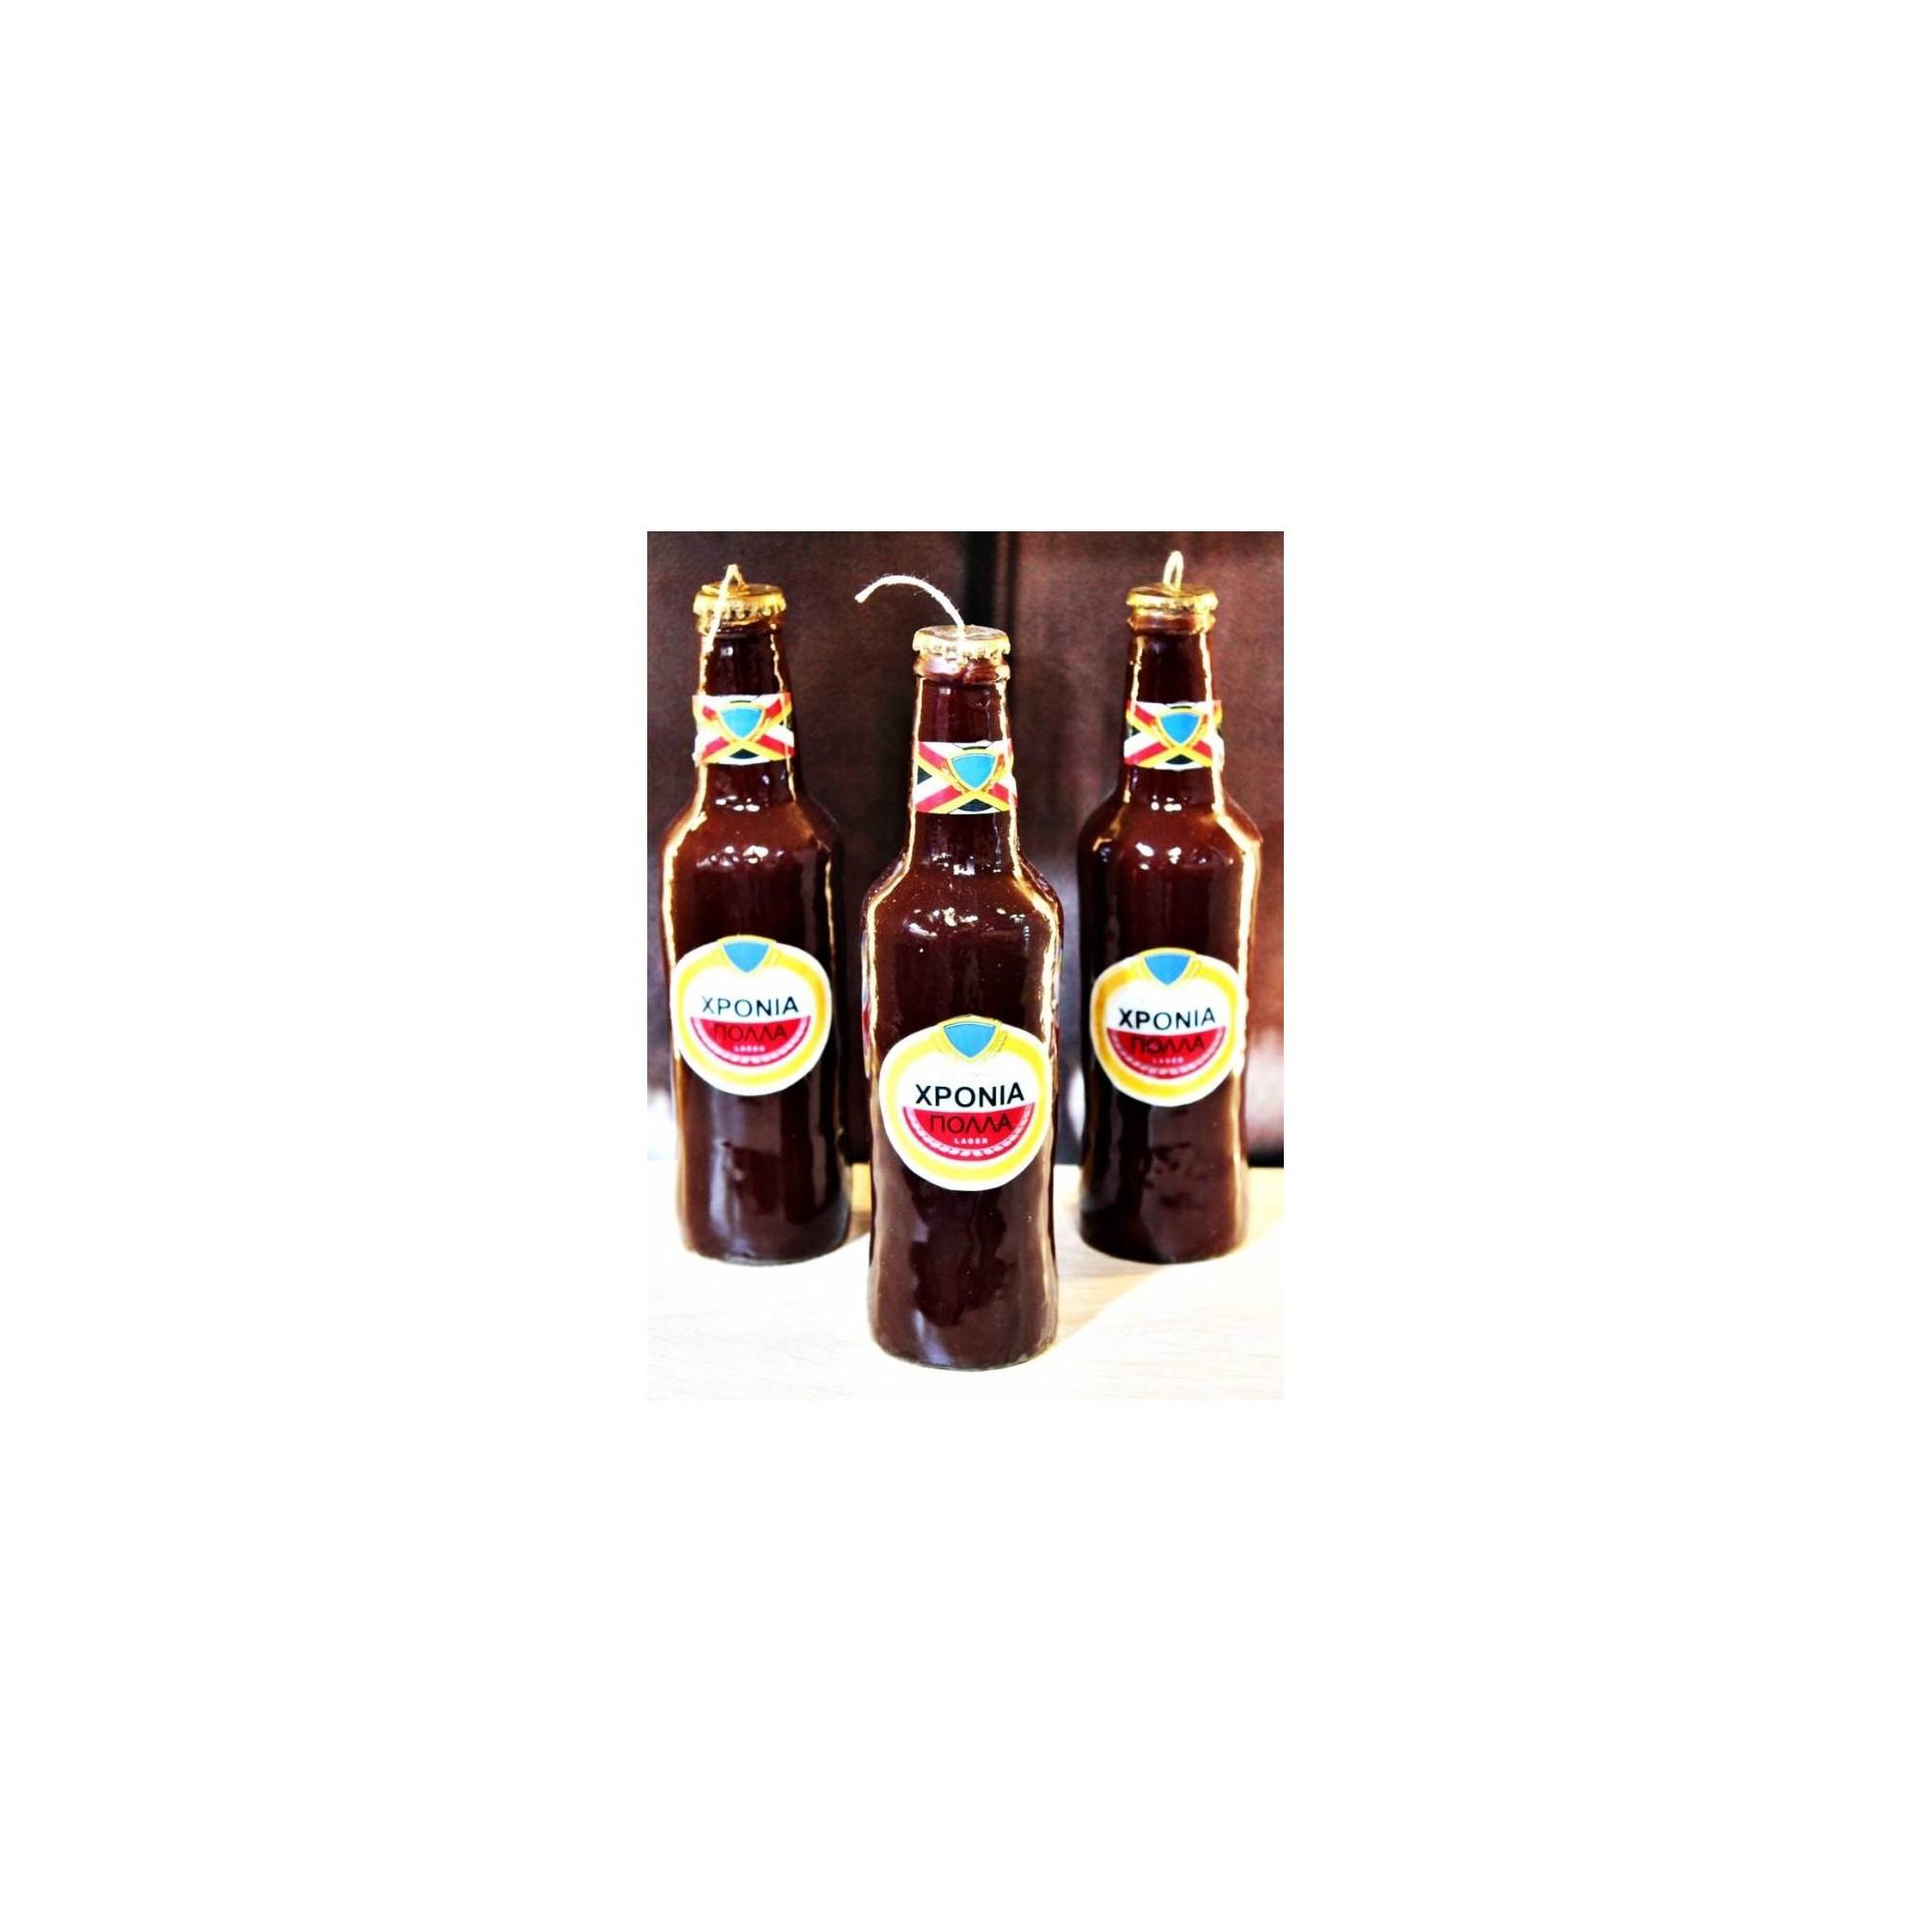 Λαμπάδα μπύρα μπουκάλι - G2575